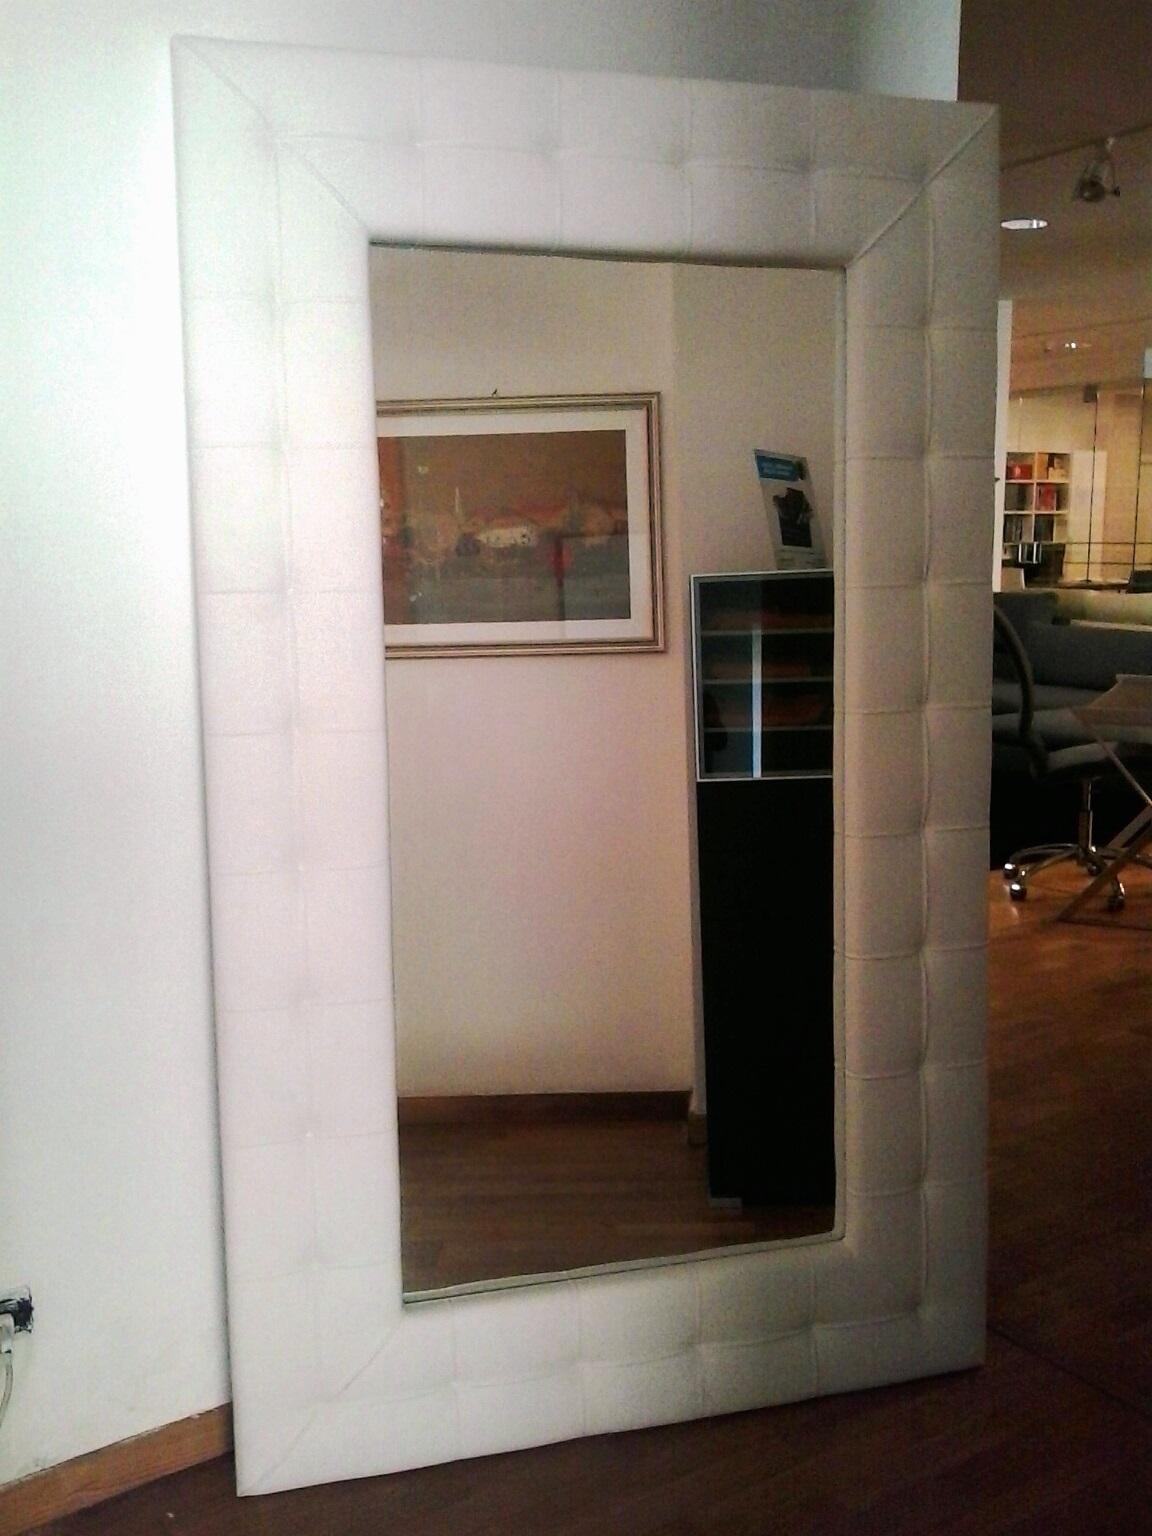 casa immobiliare accessori specchio arredamento